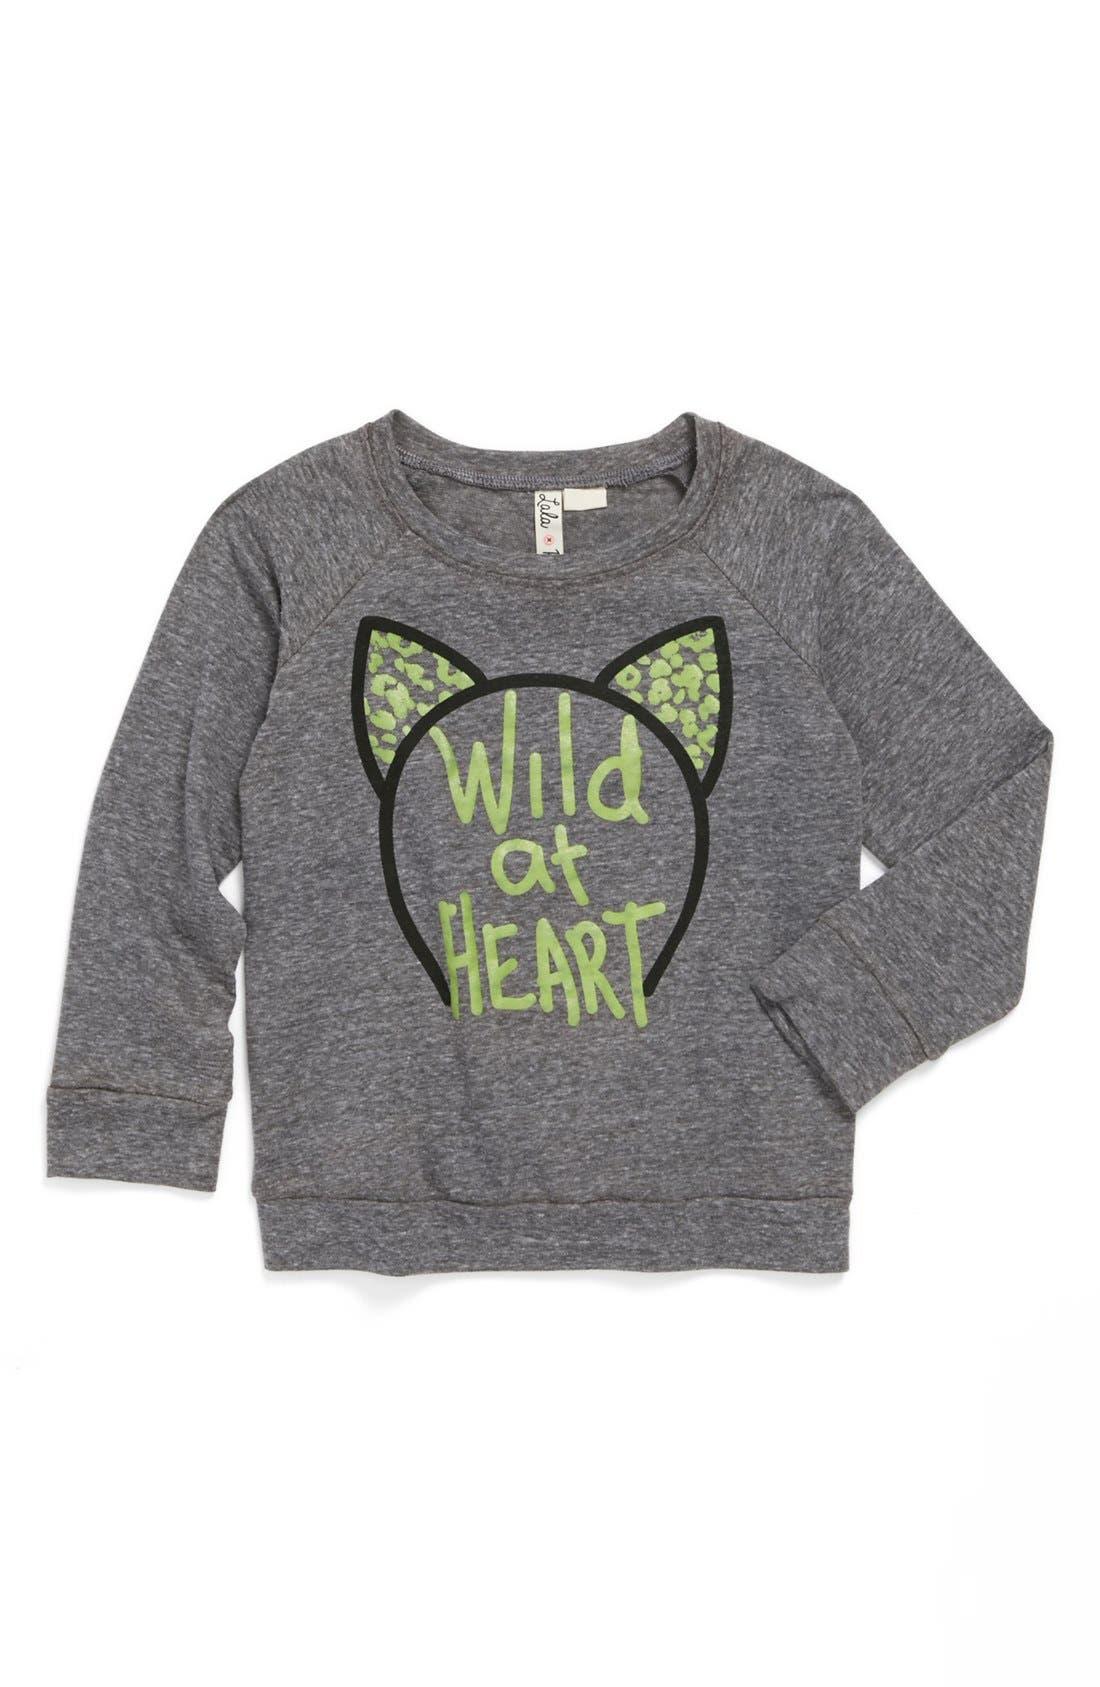 Main Image - Lala Rebel 'Wild at Heart' Tee (Toddler Girls)